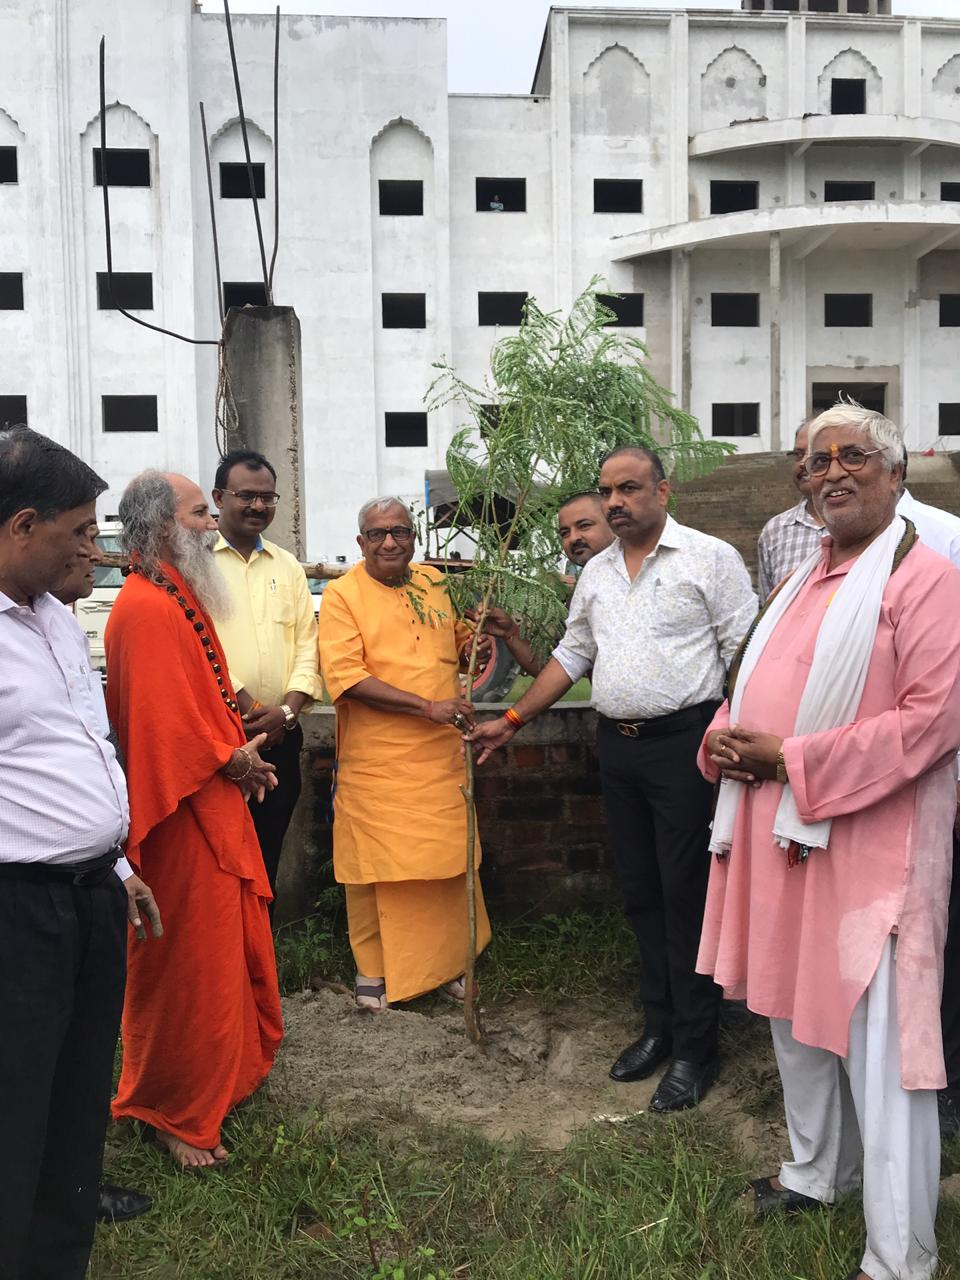 महामंडलेश्वर स्वामी श्री प्रखर जी महाराज  के कर कमलों द्वारा 1000 वृक्षों का रोपण किया गया